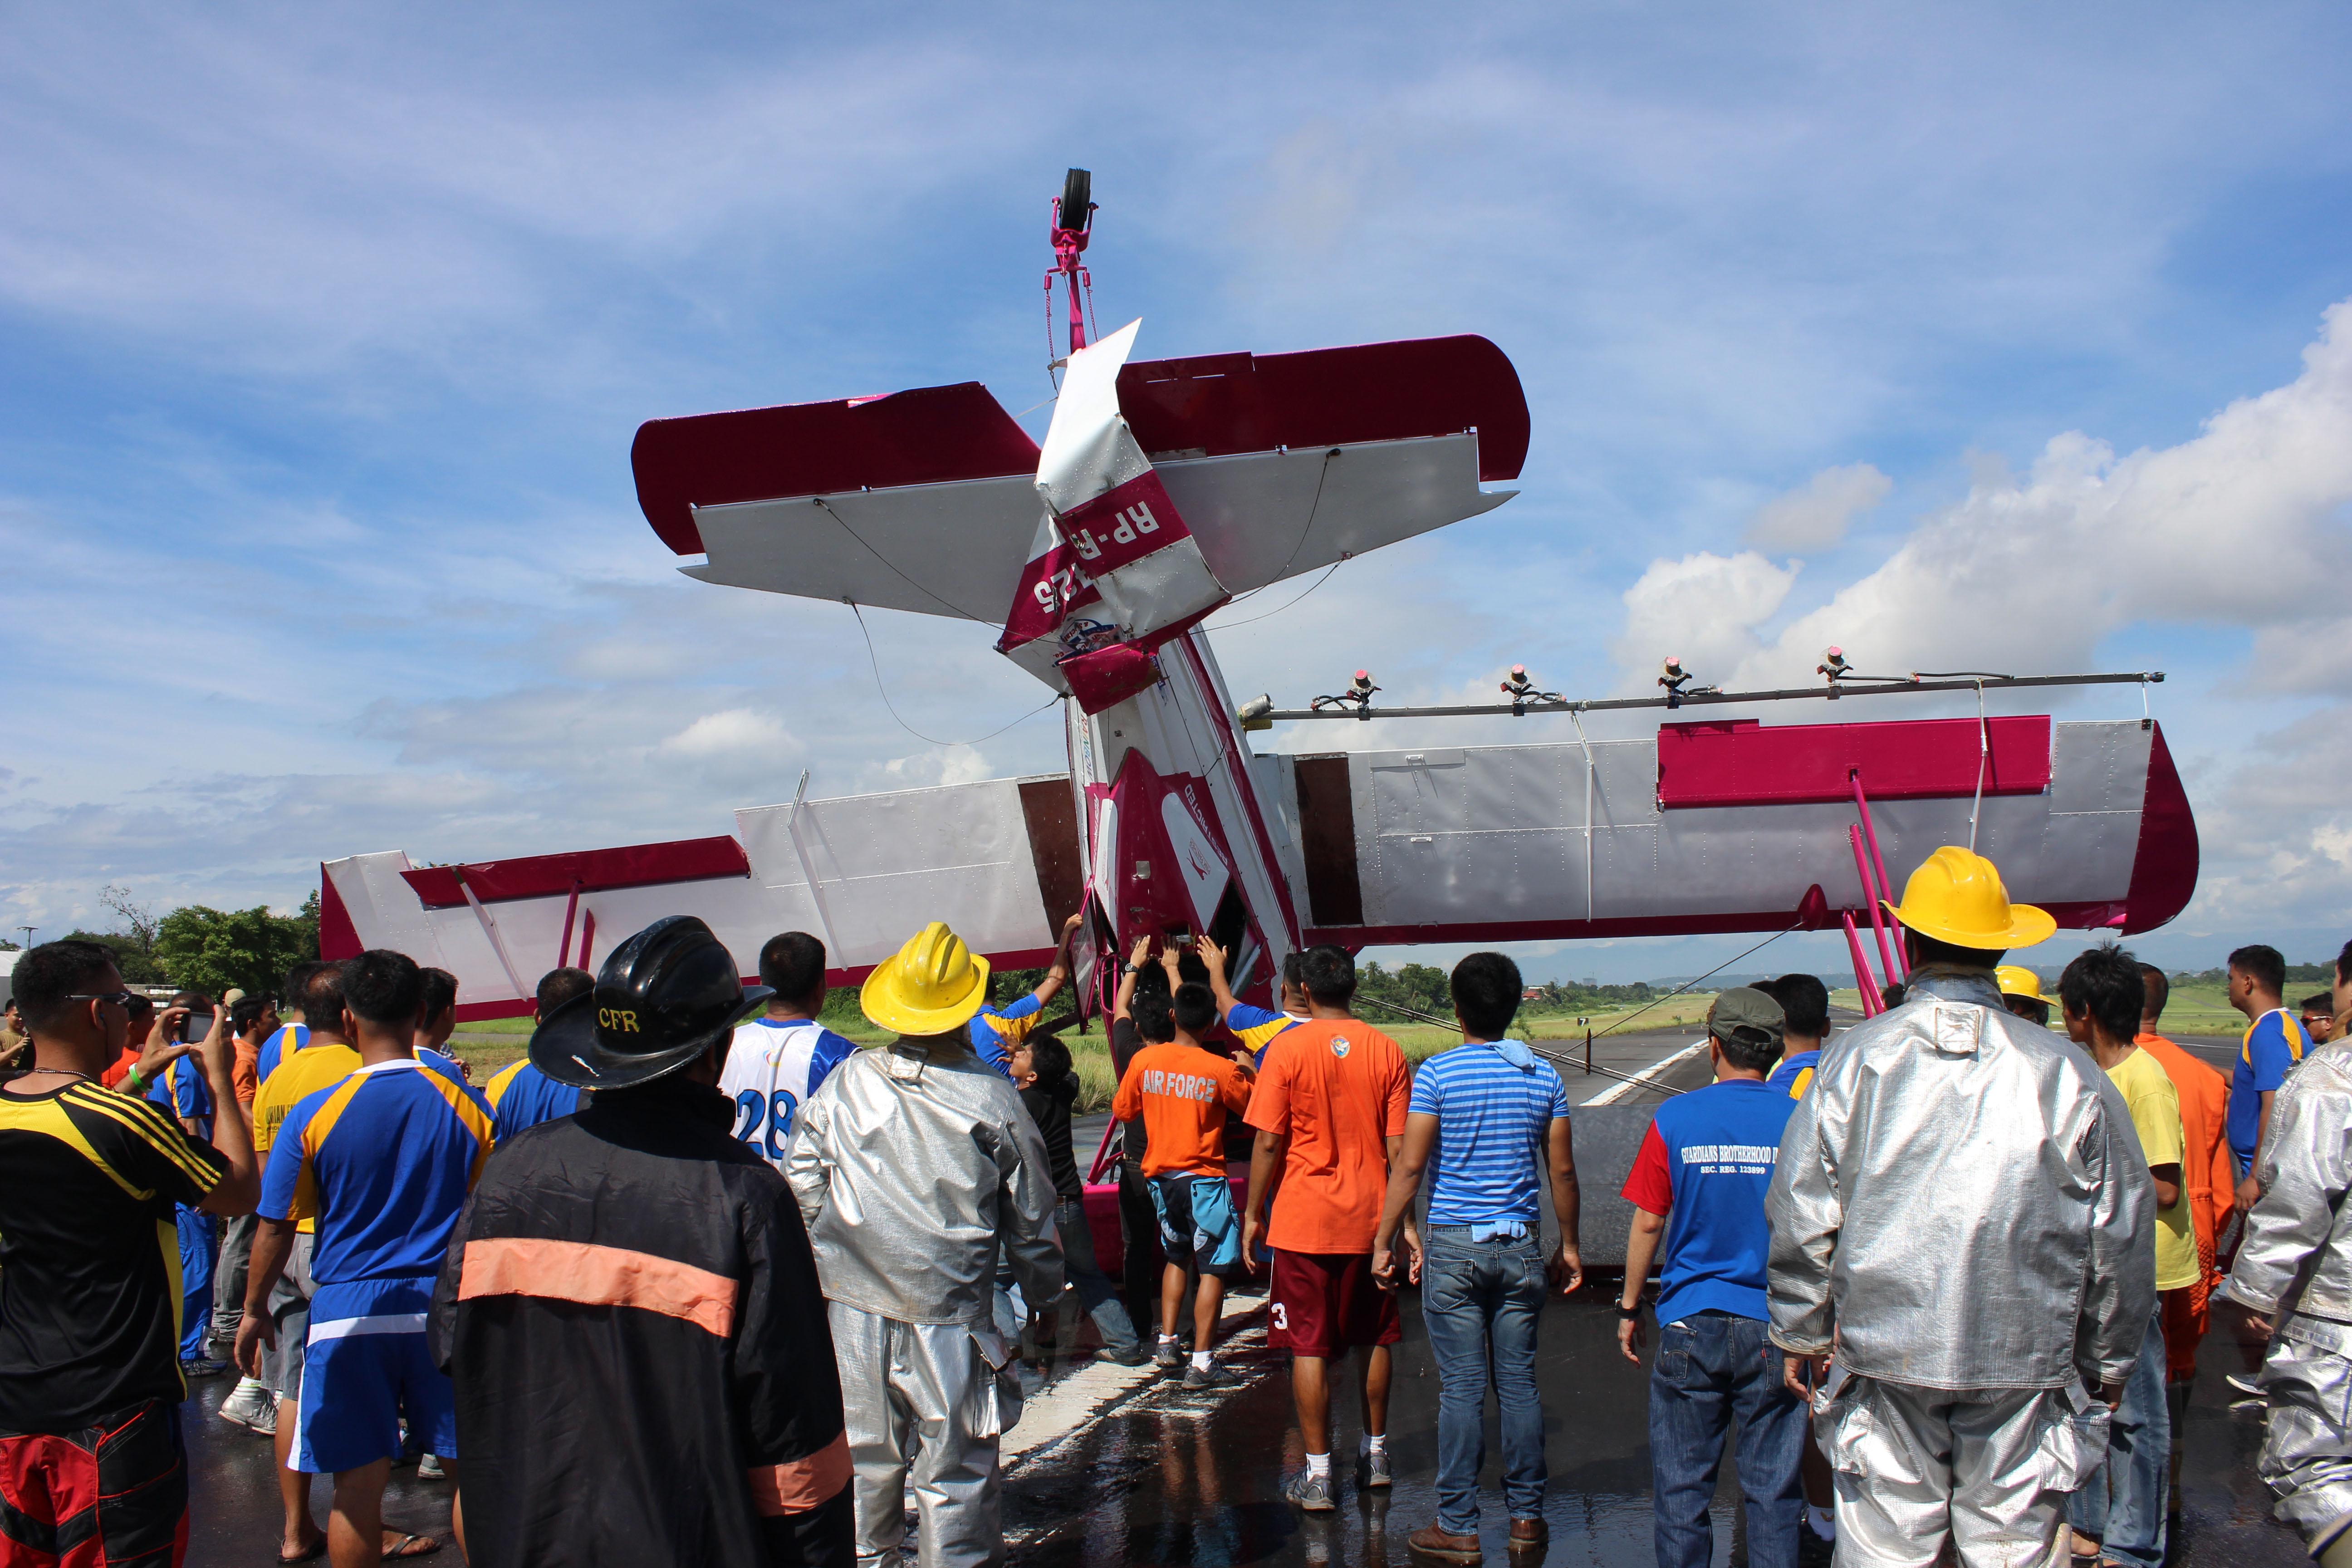 Veja as principais imagens desta sexta-feira (24) no Brasil e no mundo